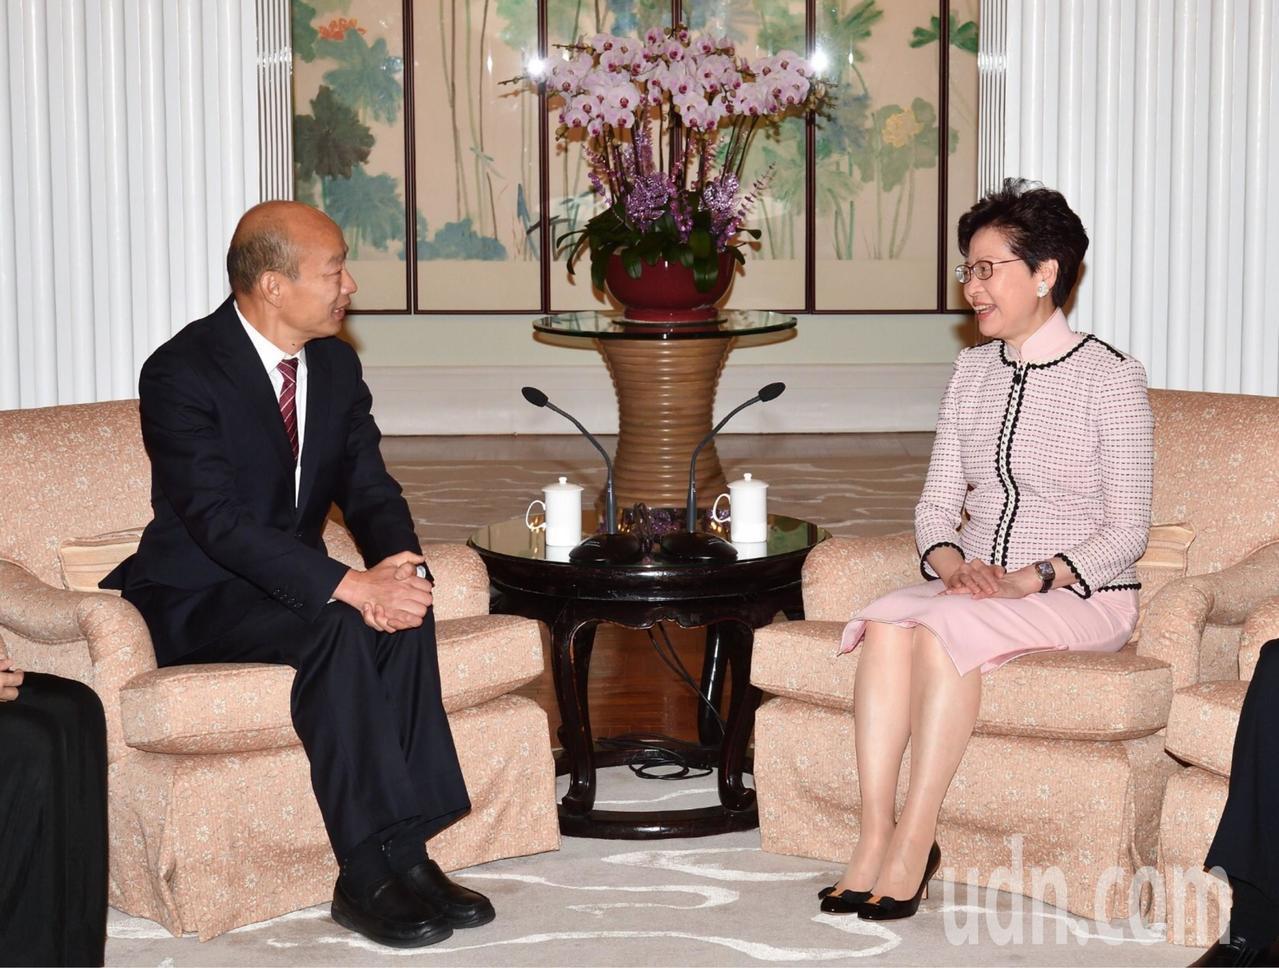 高雄市長韓國瑜出訪香港,到香港禮賓府與林鄭月娥會面。圖/高雄市政府提供